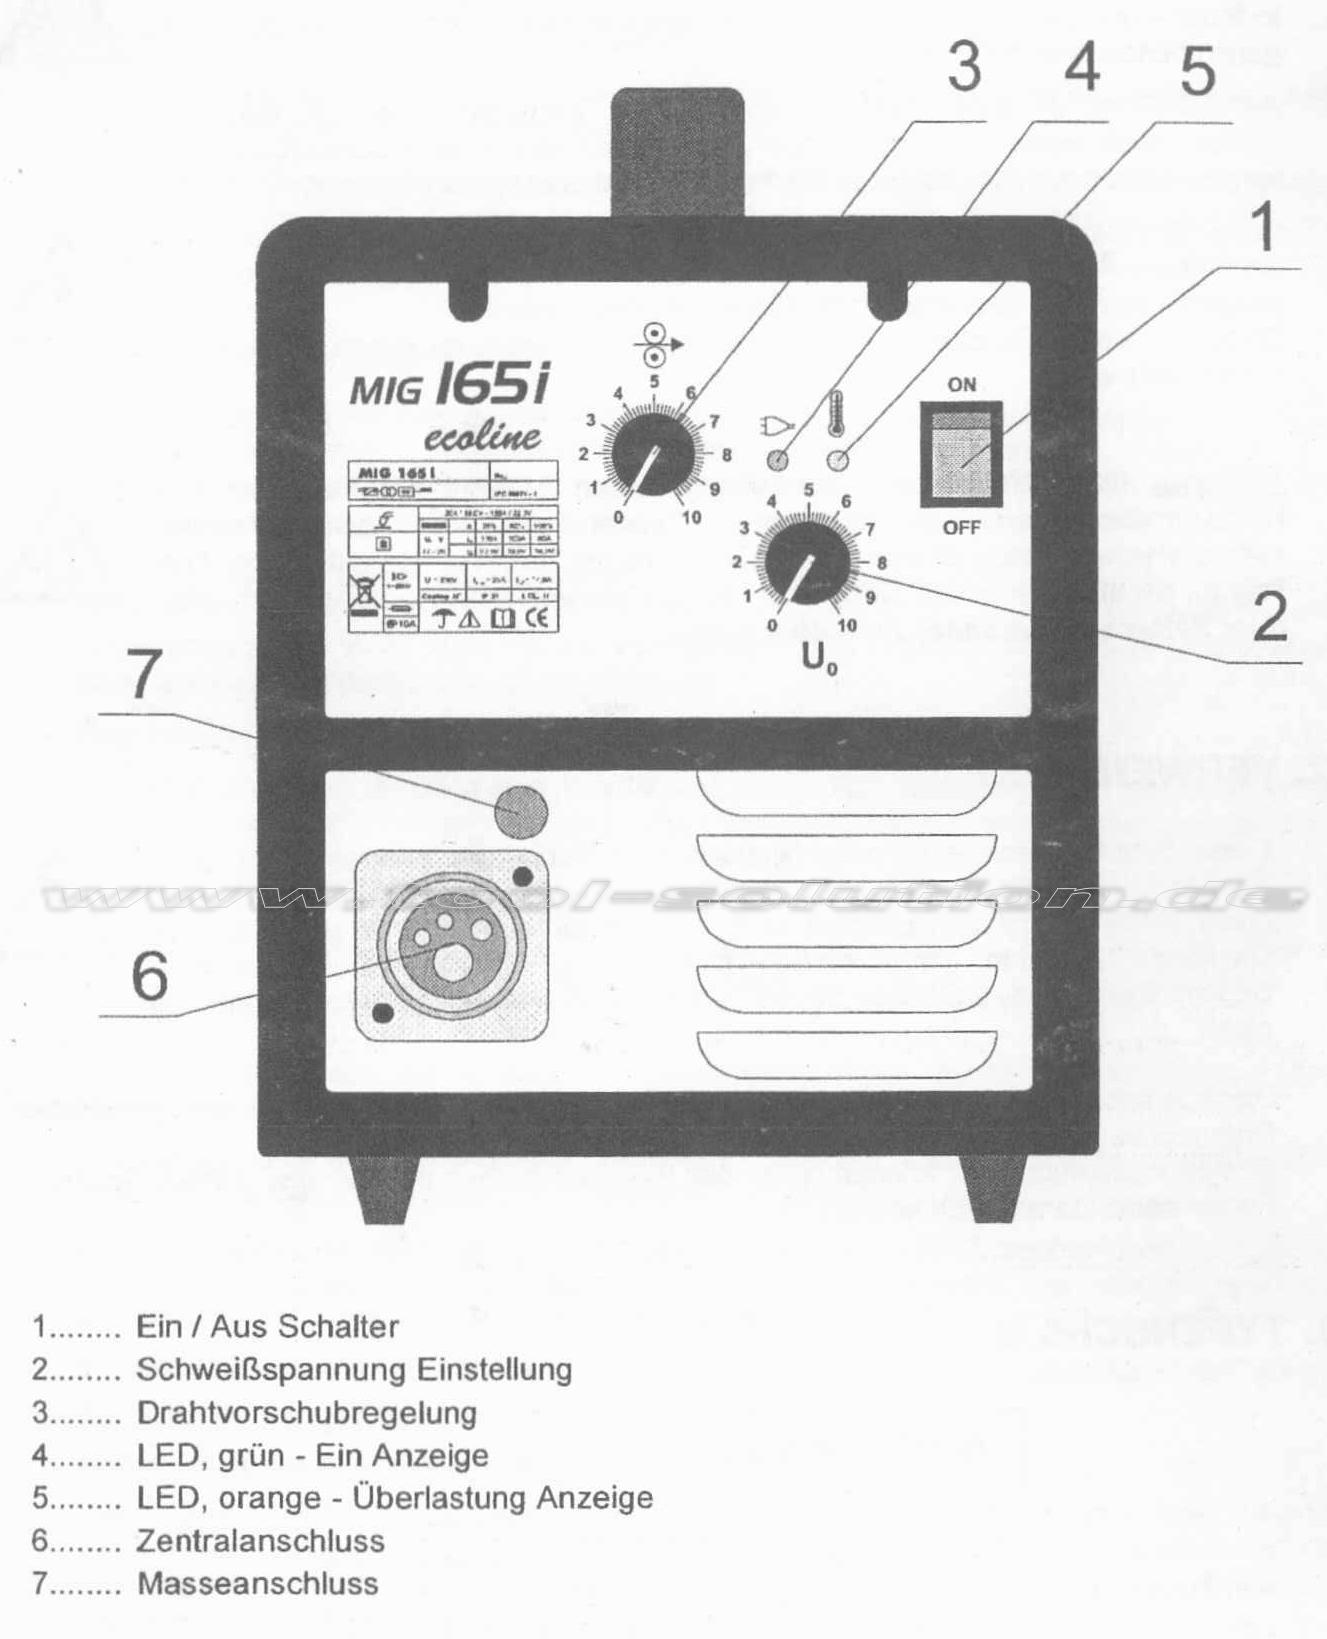 01 iskra inverter mig mag flux 165i ecoline schutzgasschwei ger 60070. Black Bedroom Furniture Sets. Home Design Ideas